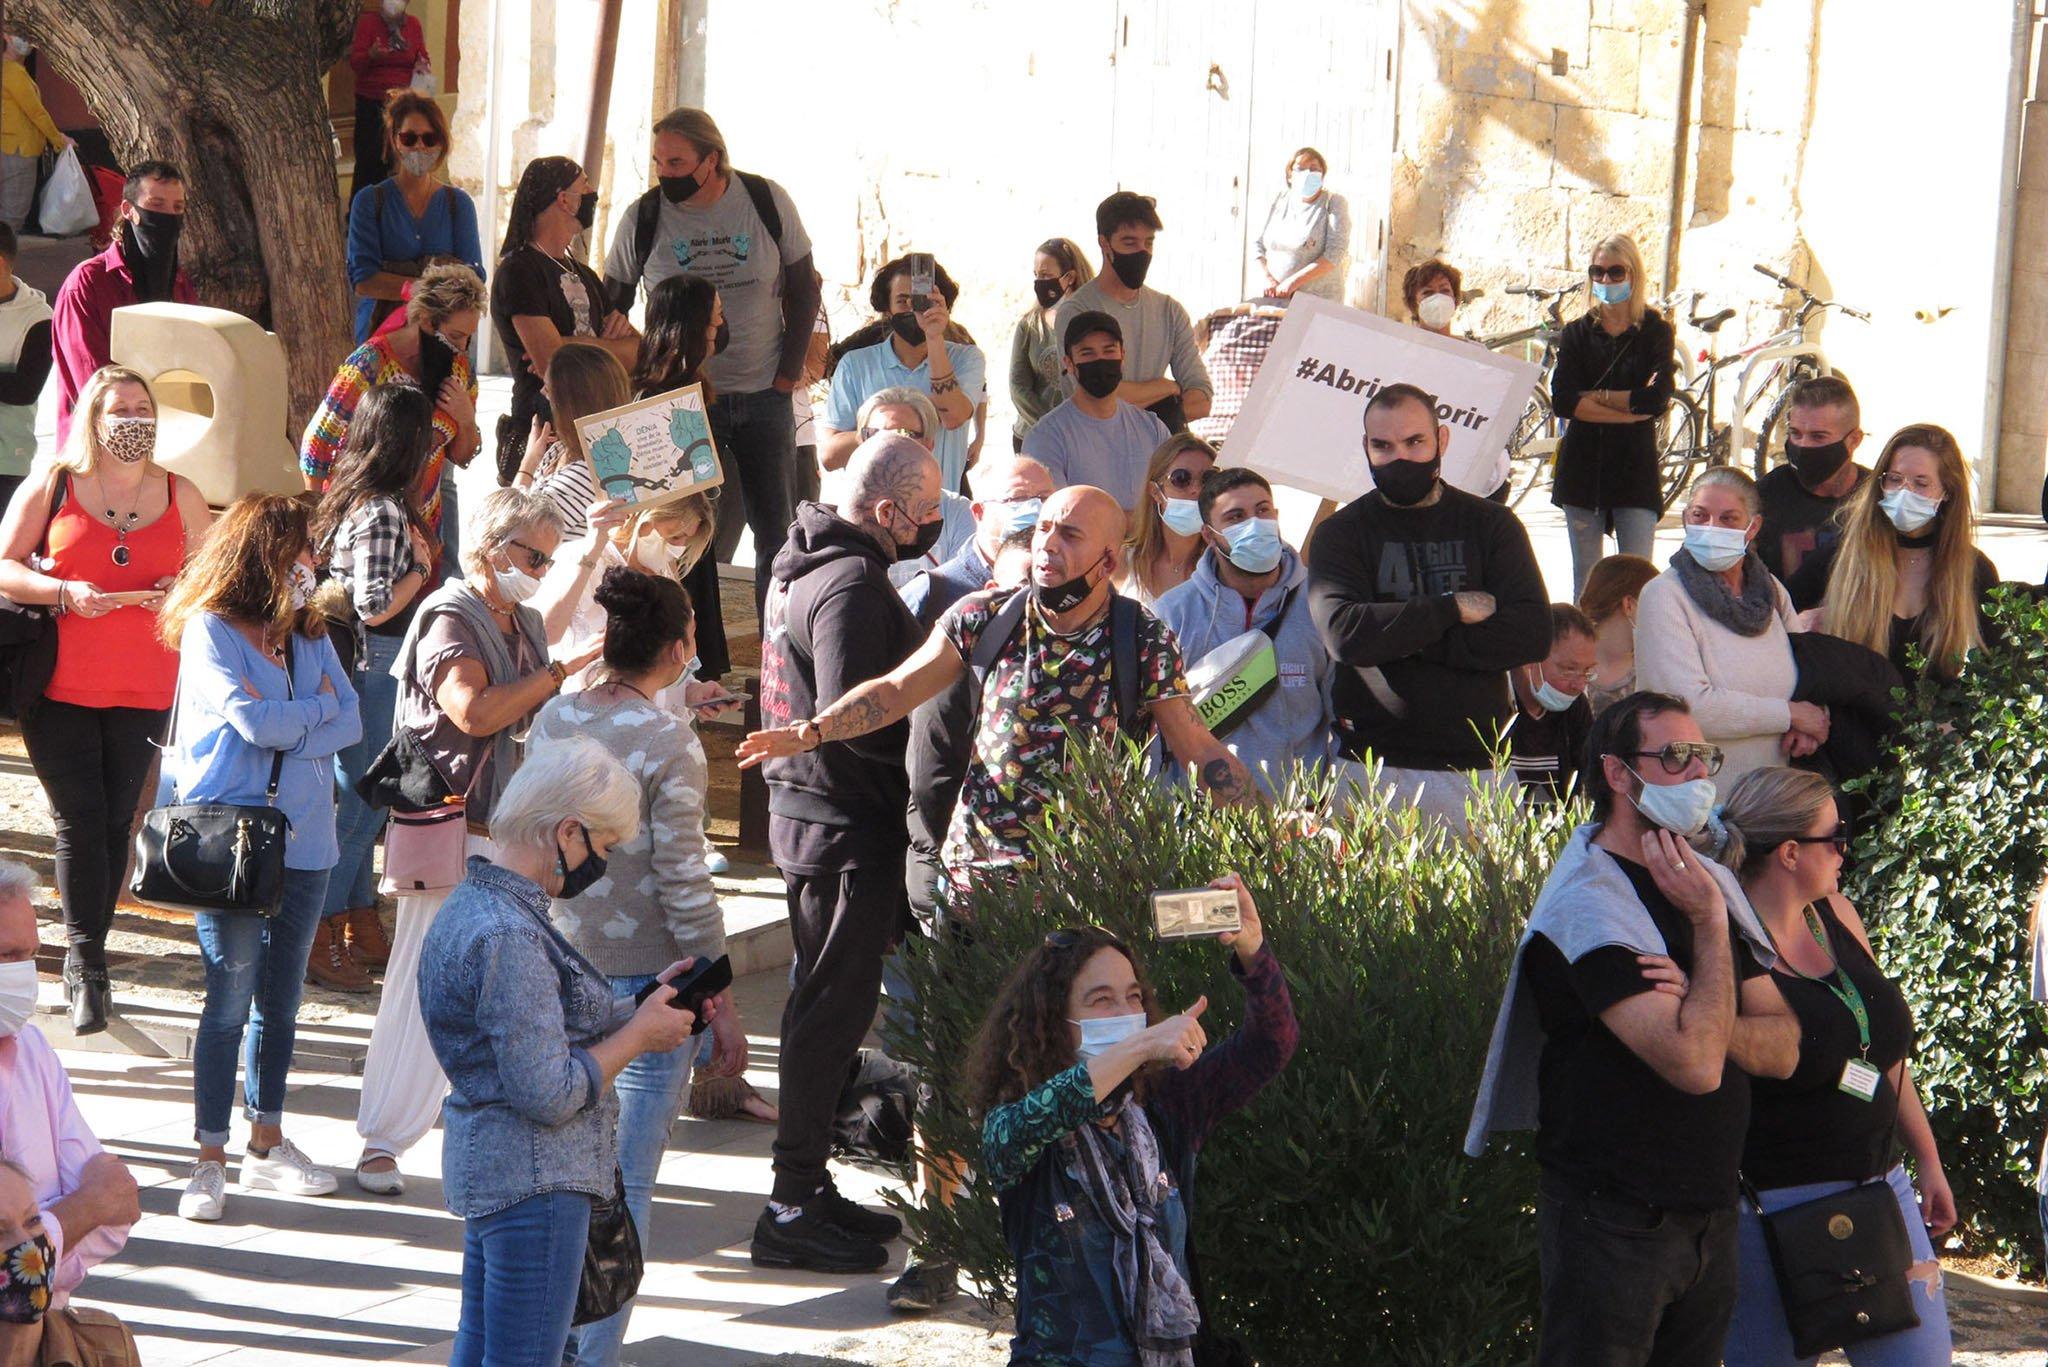 Des manifestants devant l'hôtel de ville